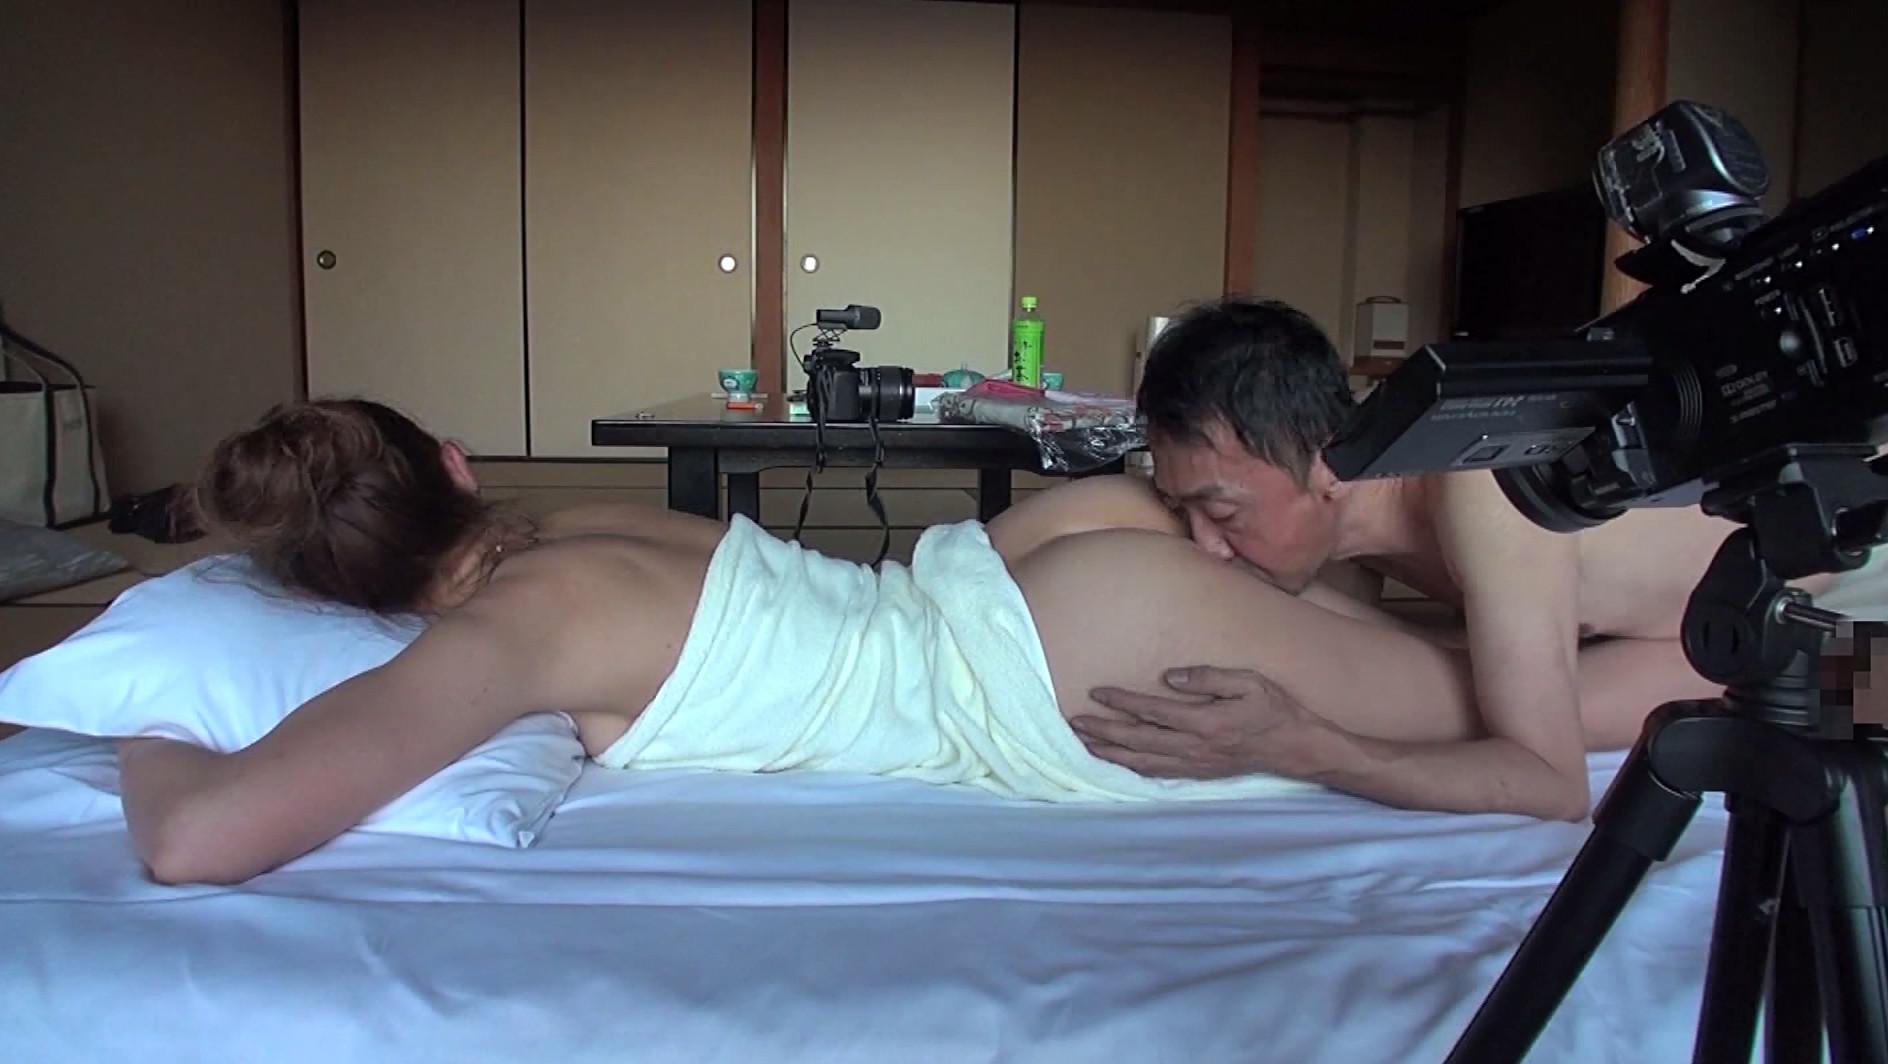 熟れたお尻 岐阜のどすけべ素人 羽島愛さん92センチ,のサンプル画像9